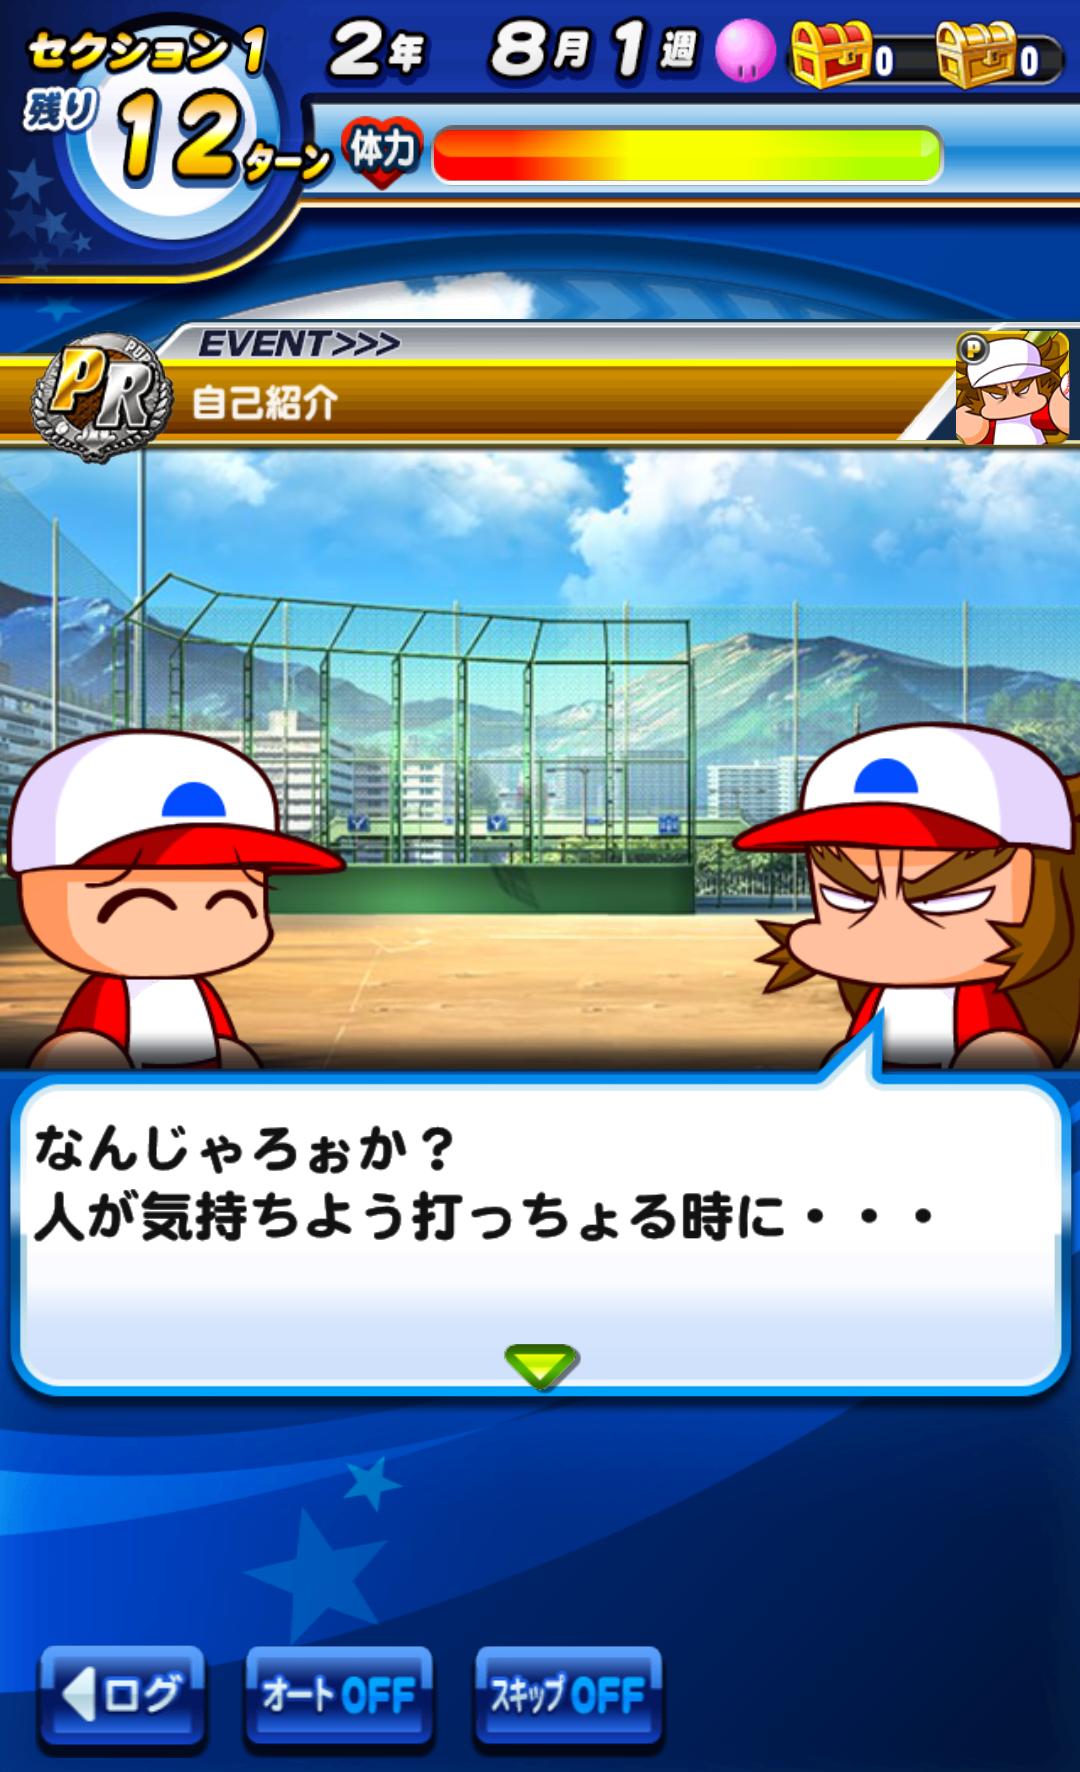 実況パワフルプロ野球 androidアプリスクリーンショット2